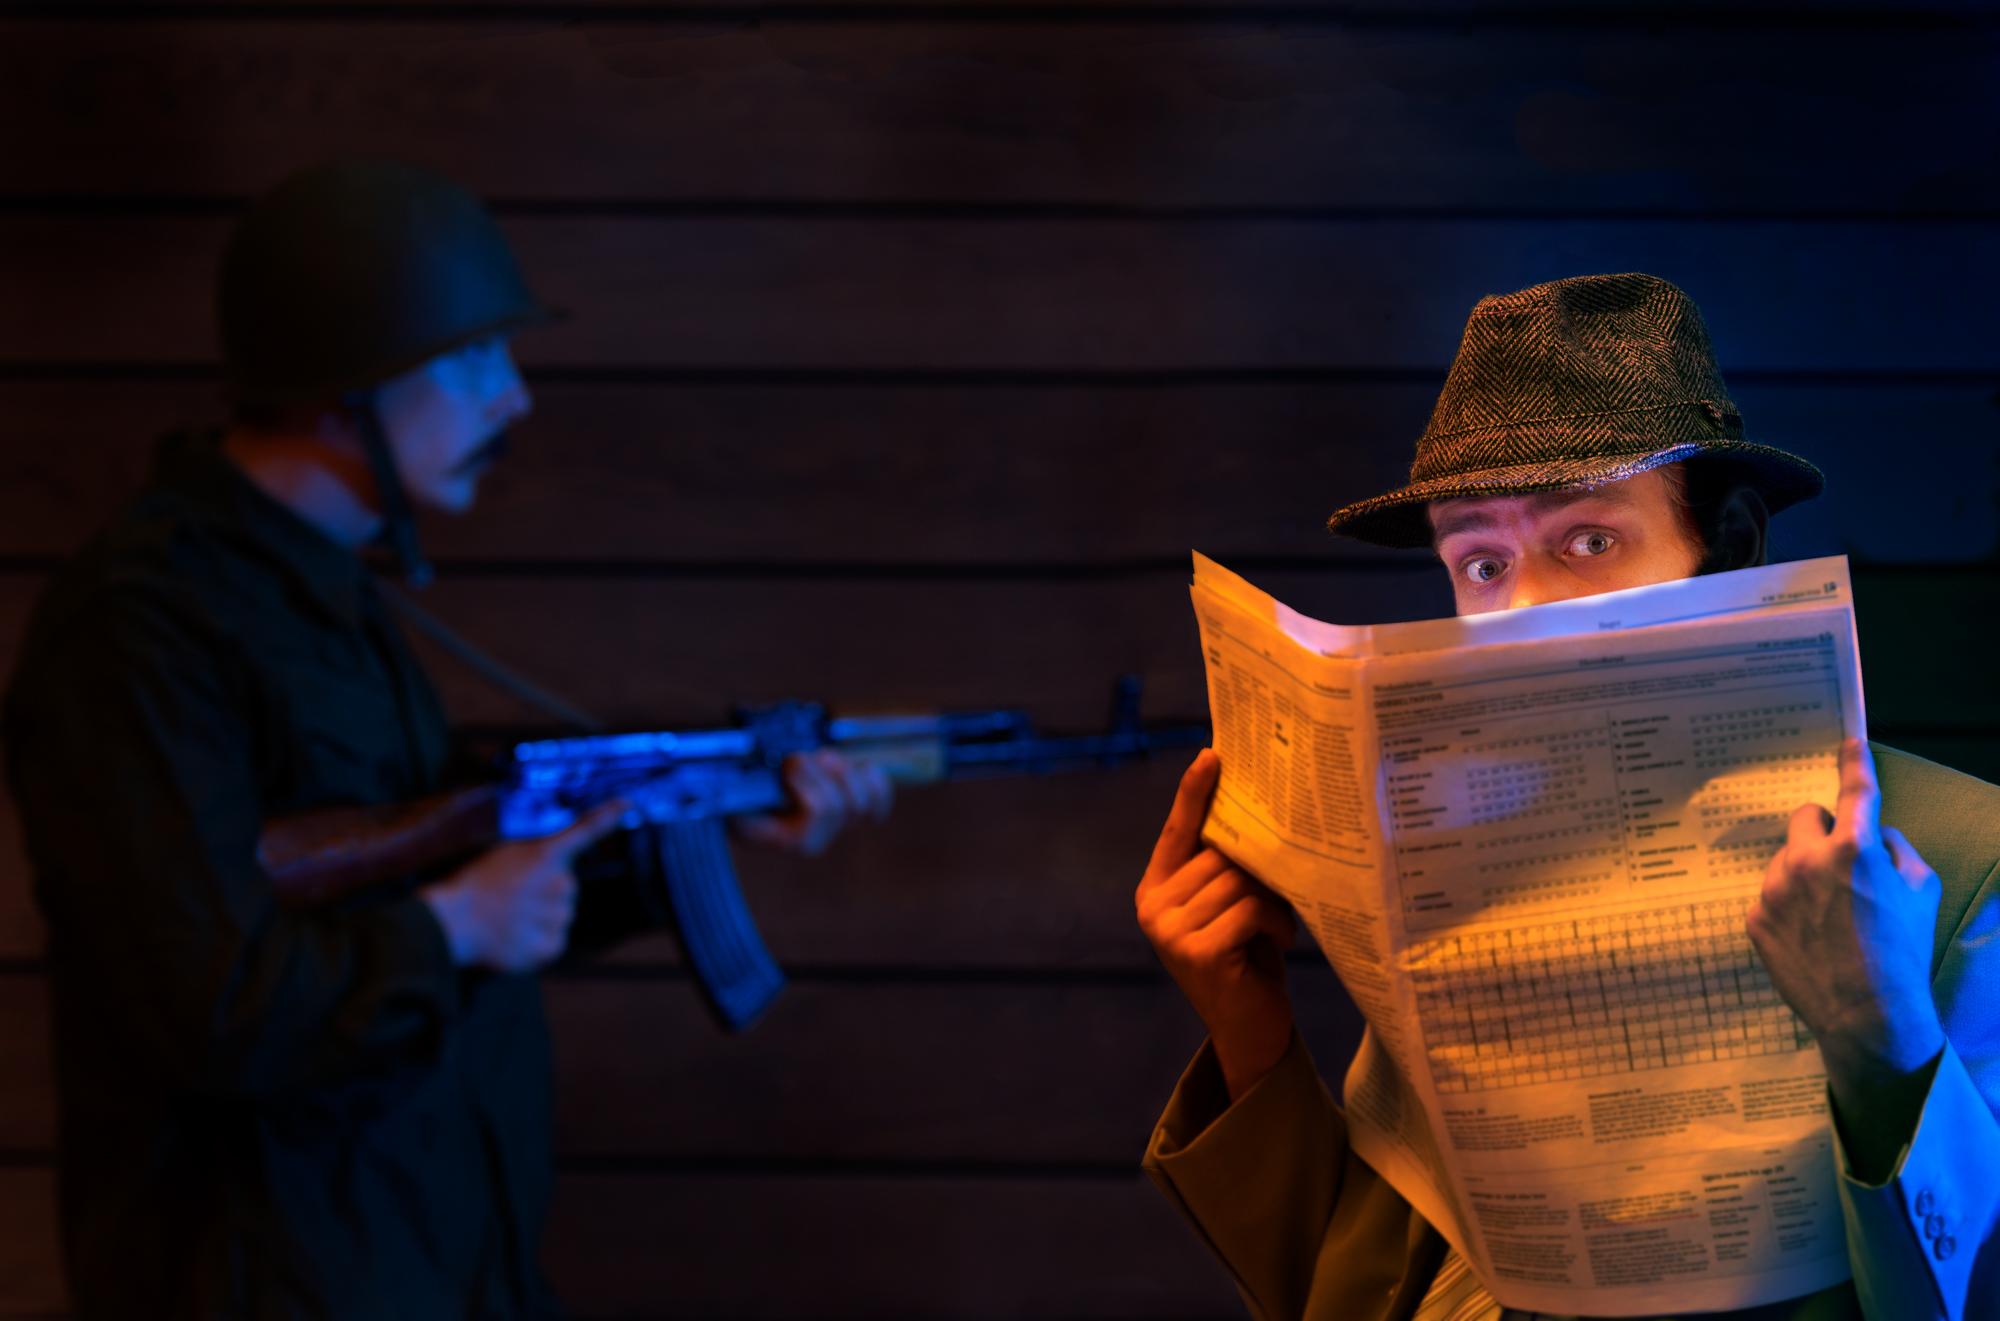 Kom i lære som spion på Krigsmuseet i efterårsferien